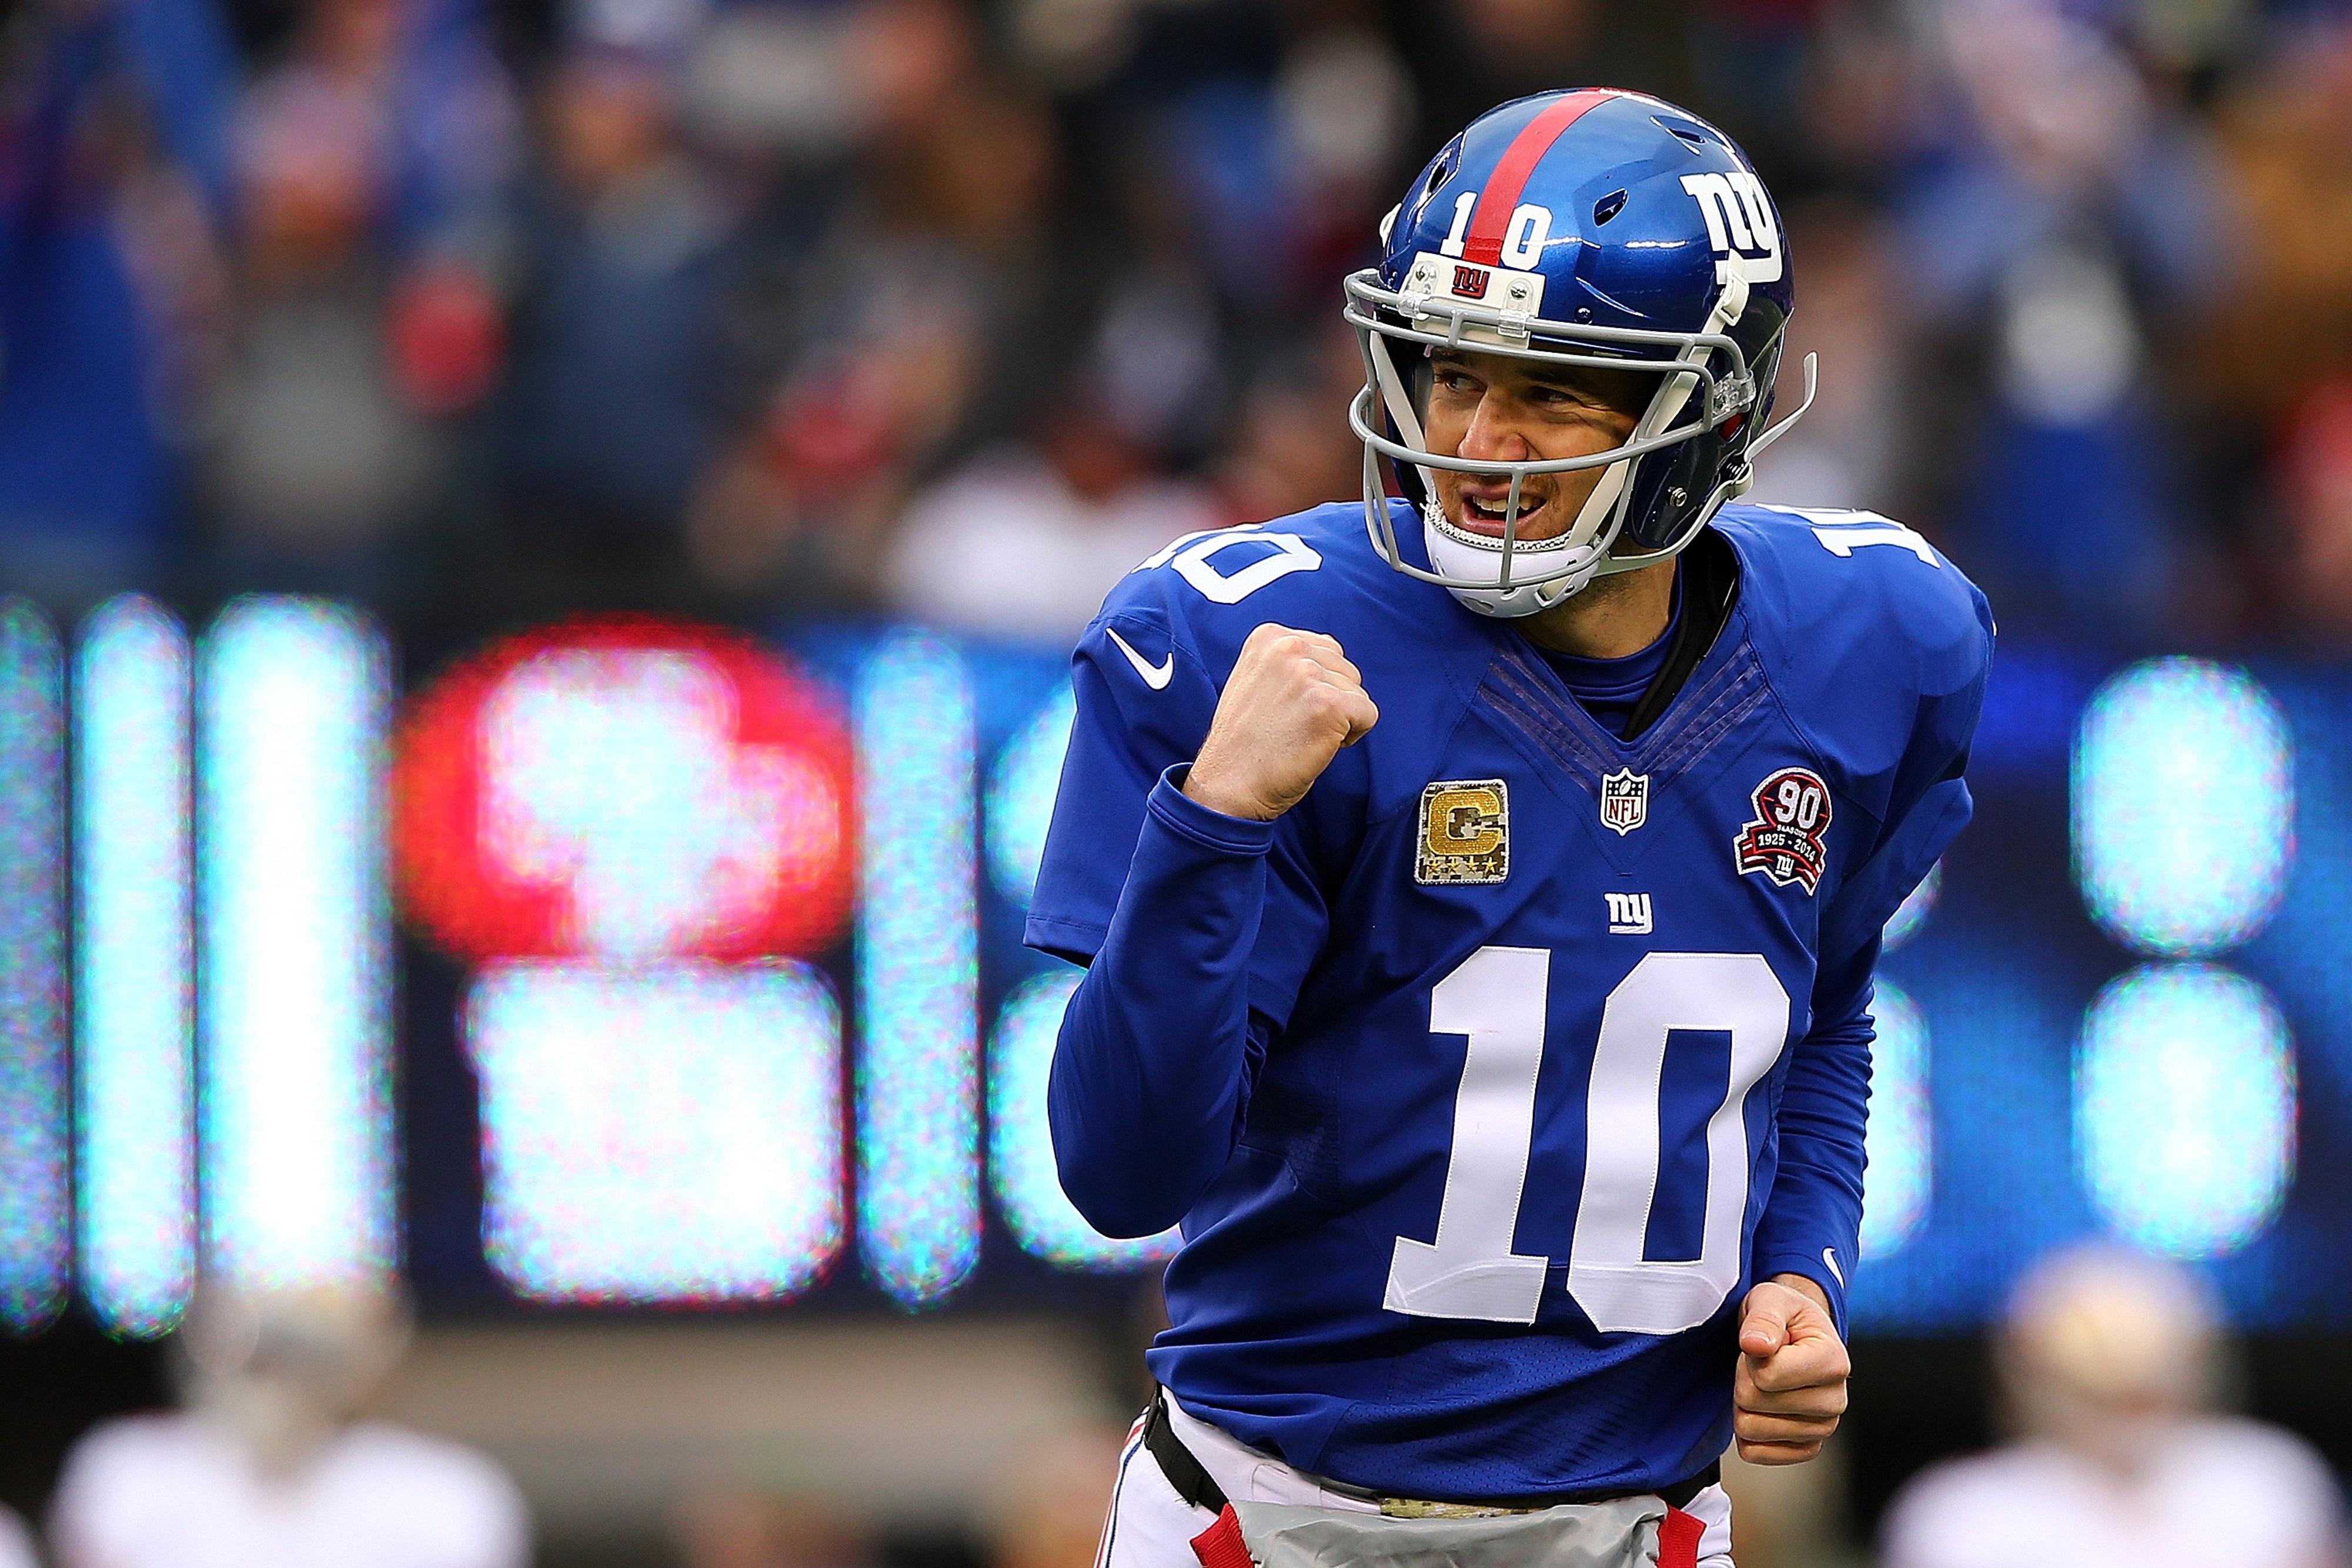 Eli Manning celebrates a first-quarter touchdown pass